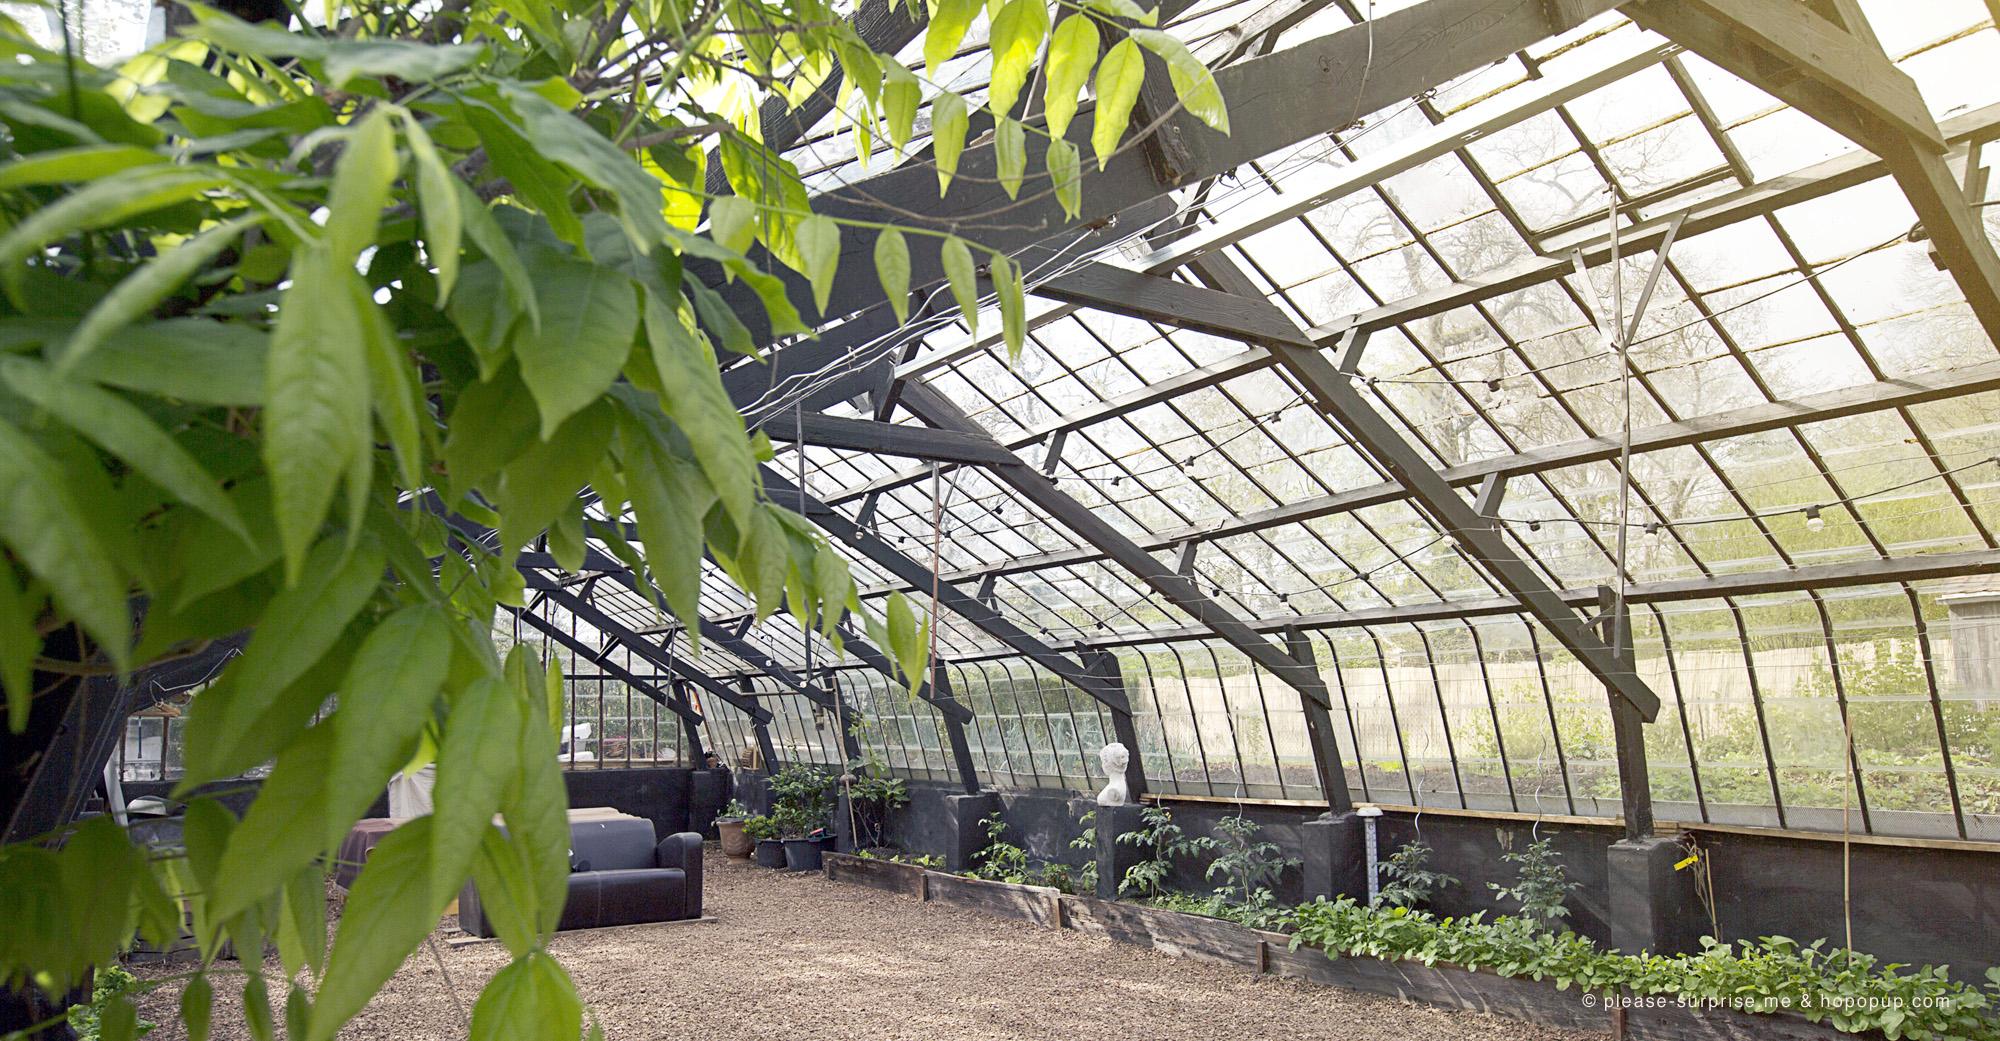 Le palais de verre à Rosières, une serre contemporaine en location pour des événements privés